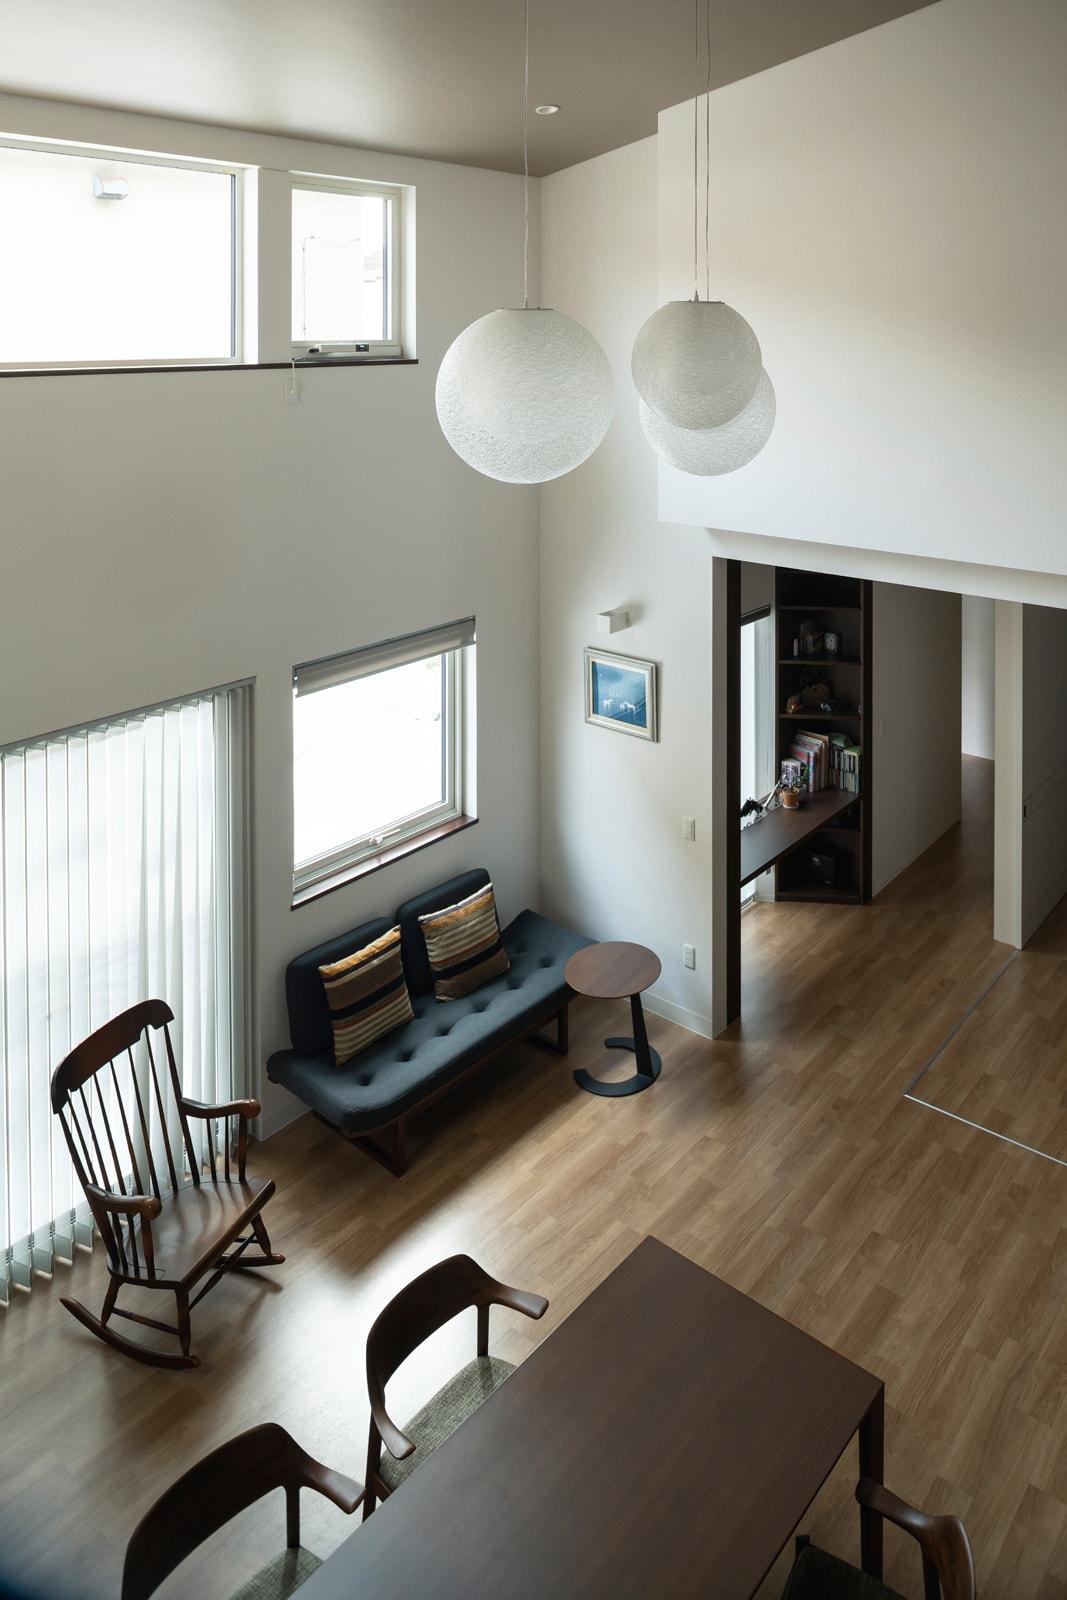 スッキリしな室内はバリアフリーで、壁面もフル活用できる